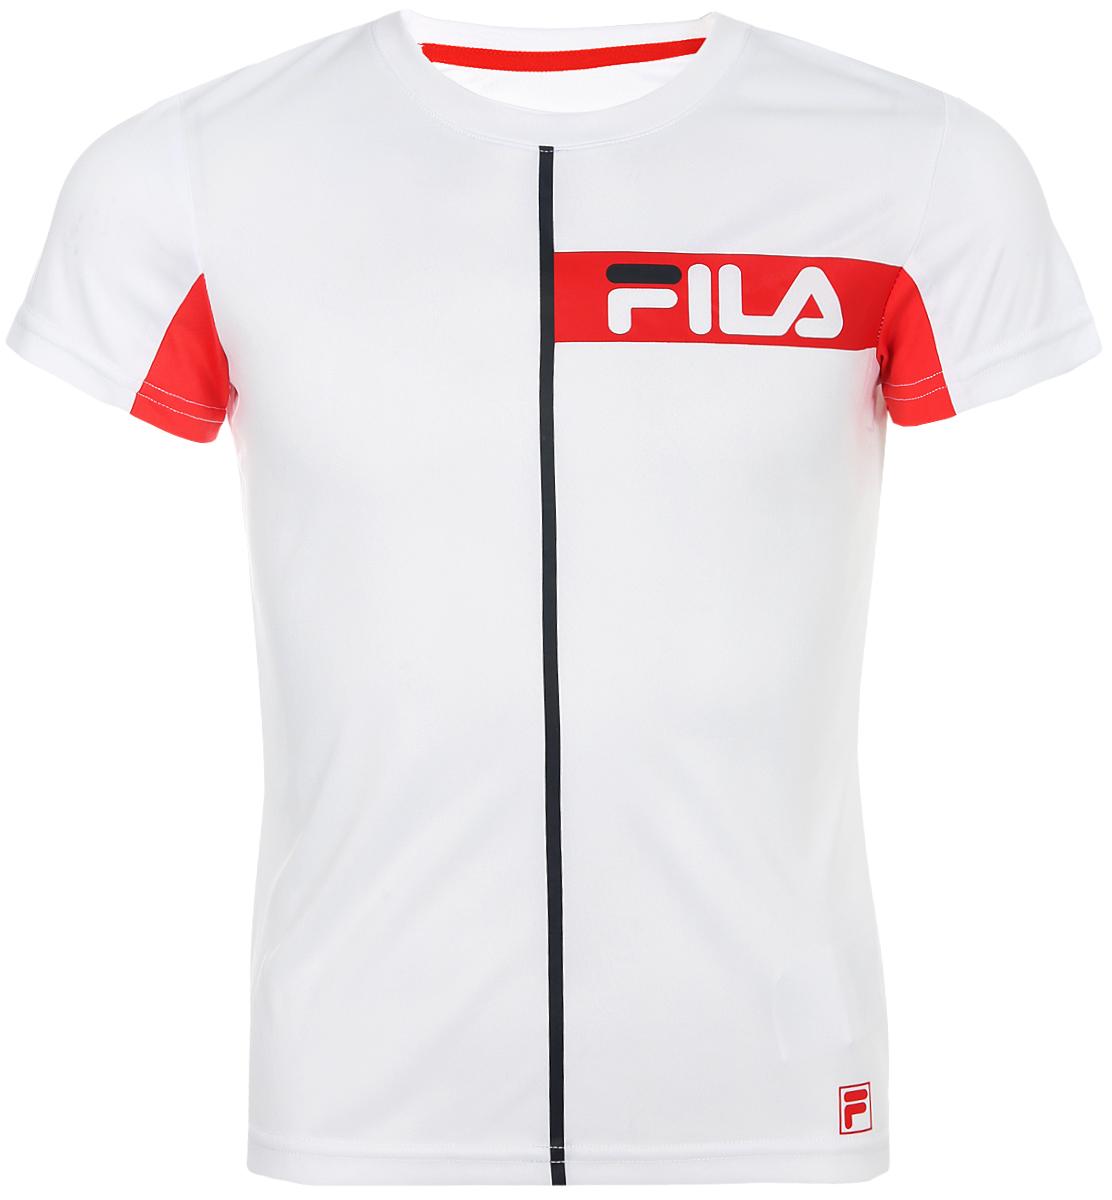 Футболка для мальчика Fila, цвет: белый. A19AFLTSB05-00. Размер 170 футболка для девочки fila цвет белый a19afltsg02 00 размер 164